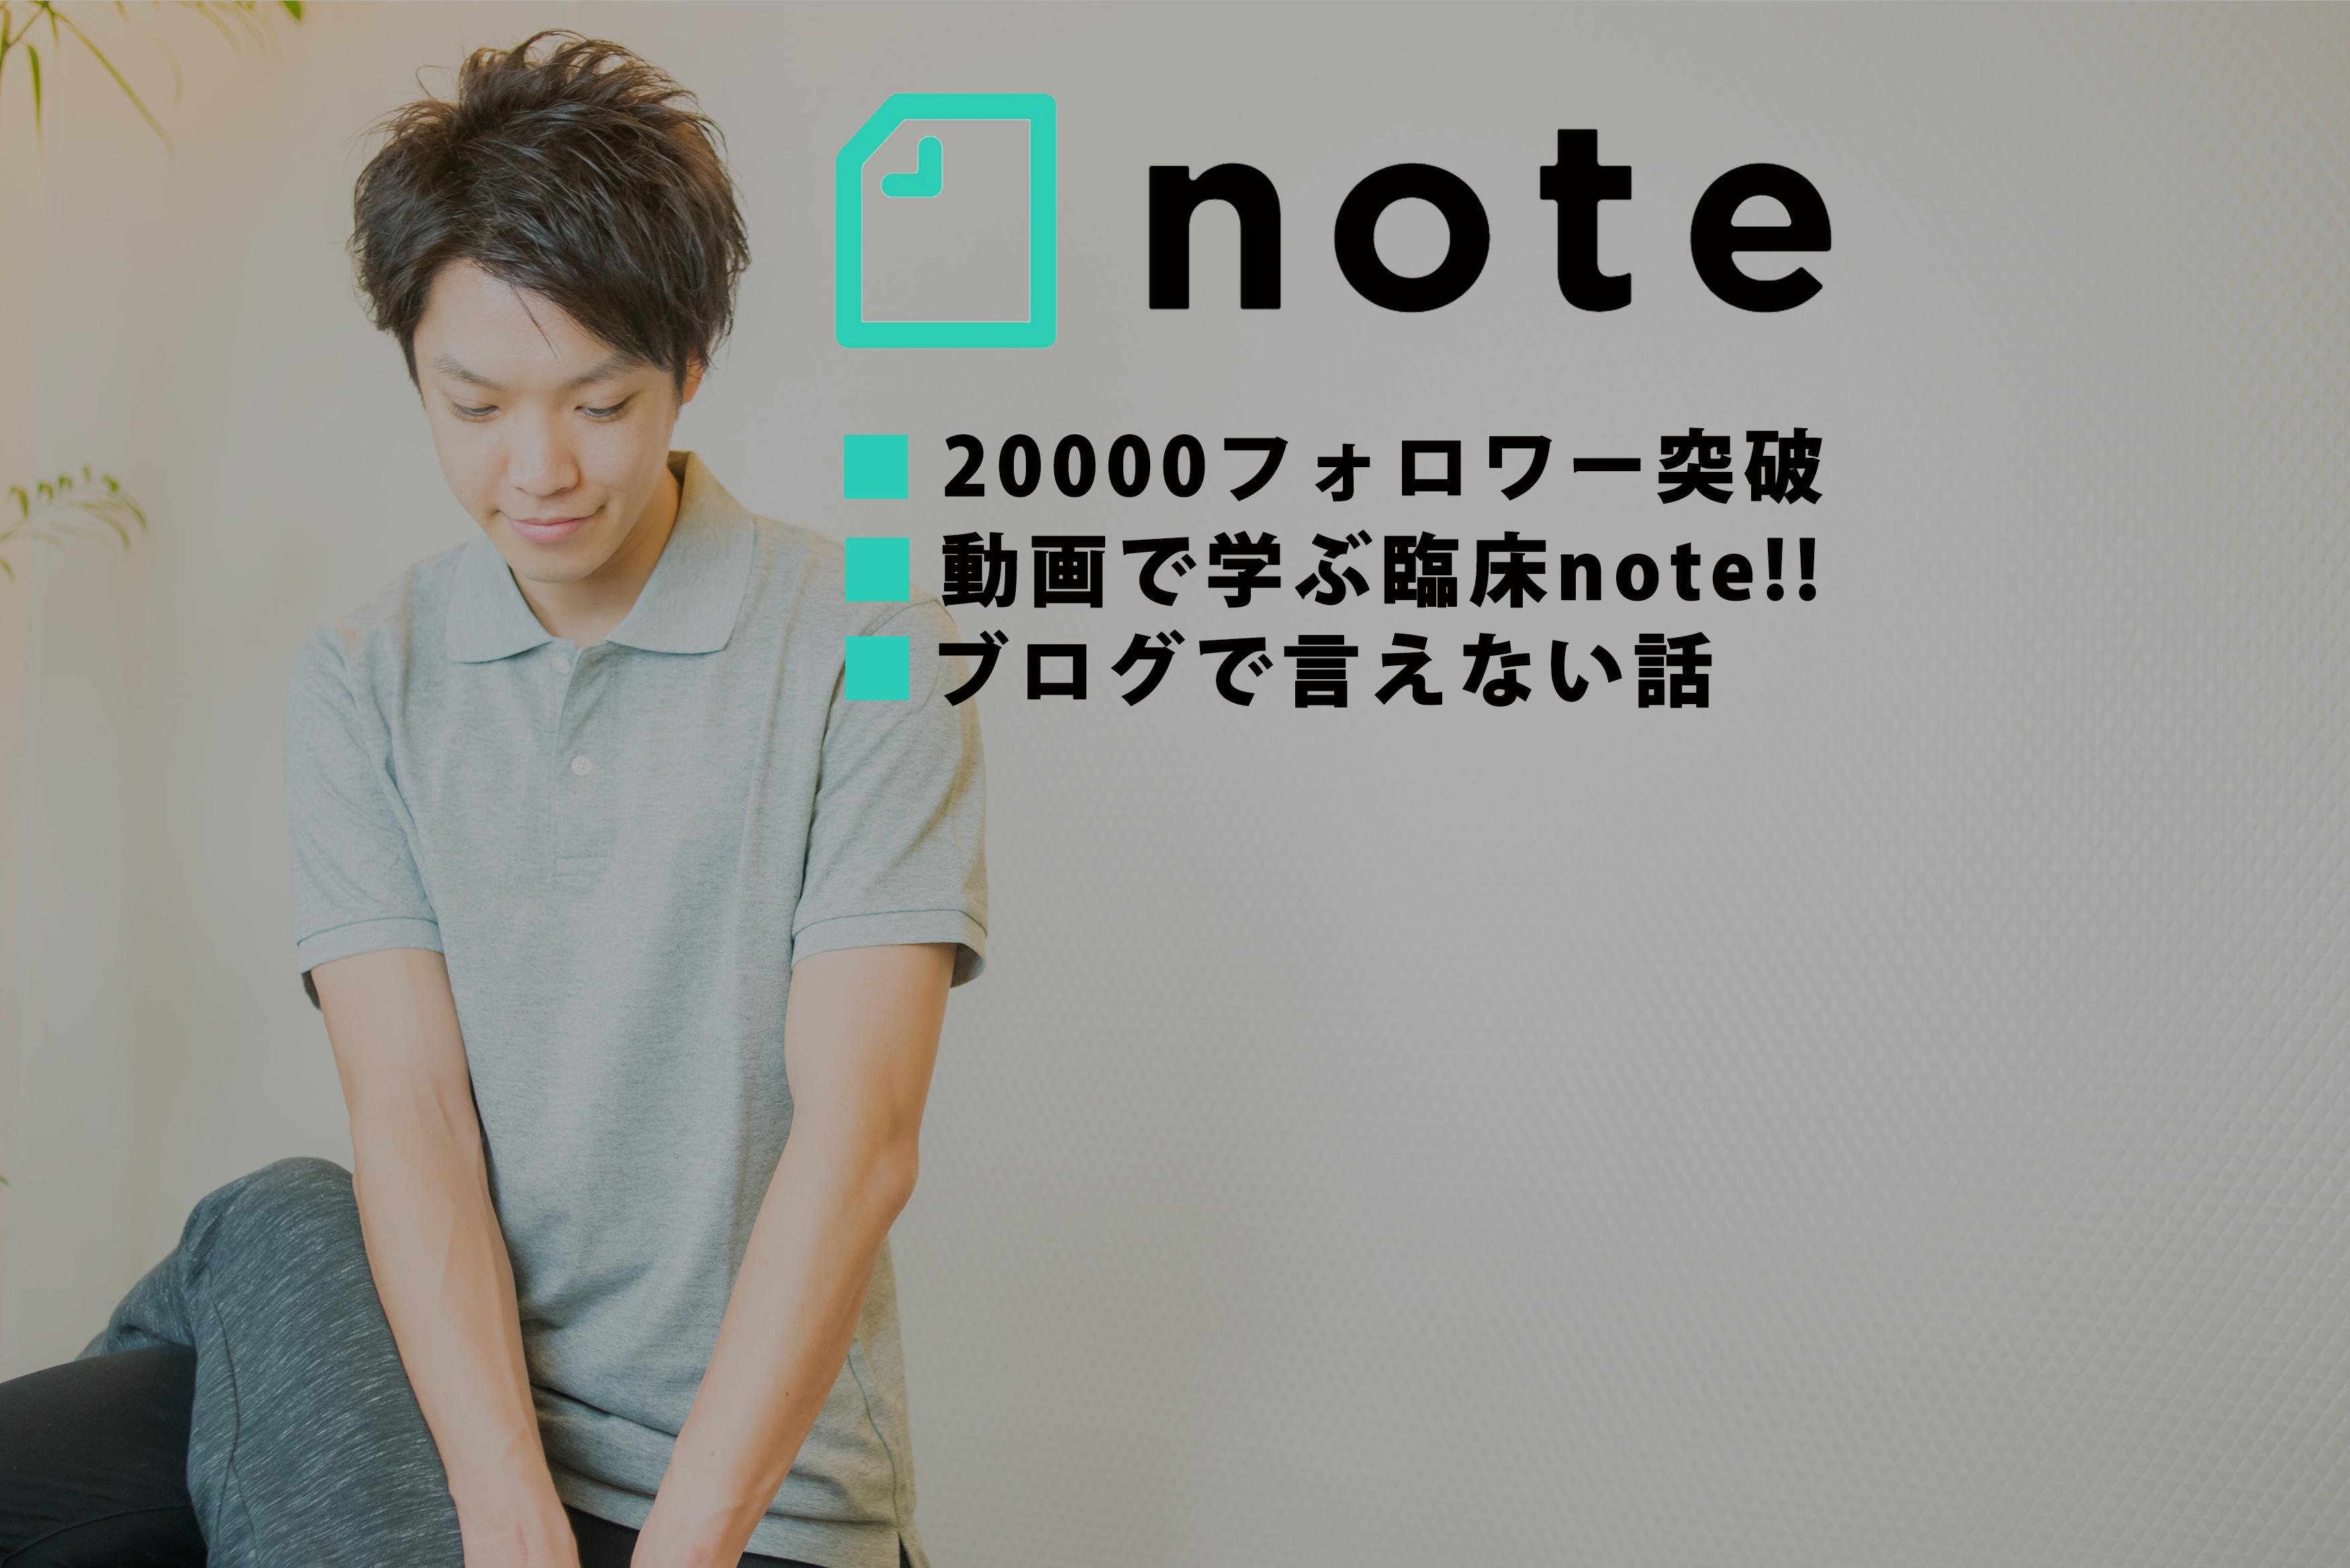 吉田の臨床note!!2万人フォロワー突破!動画・音声・文章でより深く学ぶ!